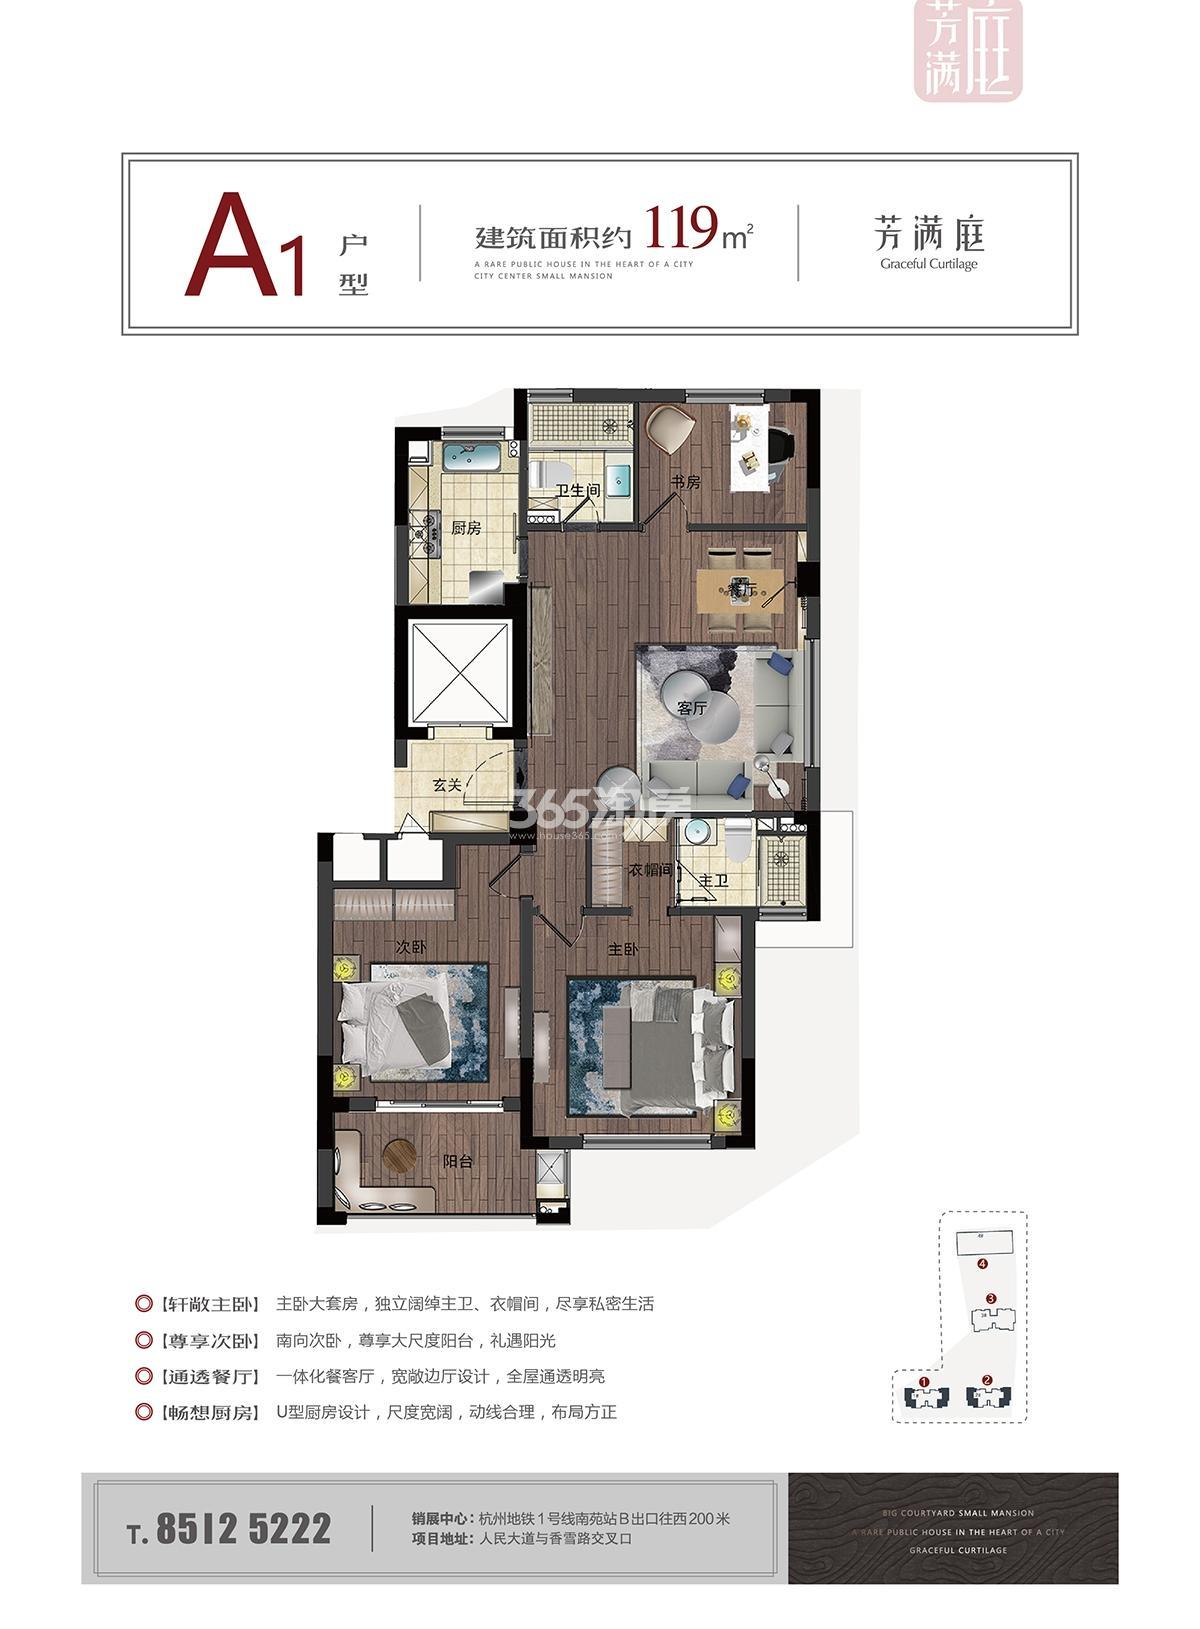 临平芳满庭项目1、2号楼A1户型119方边套